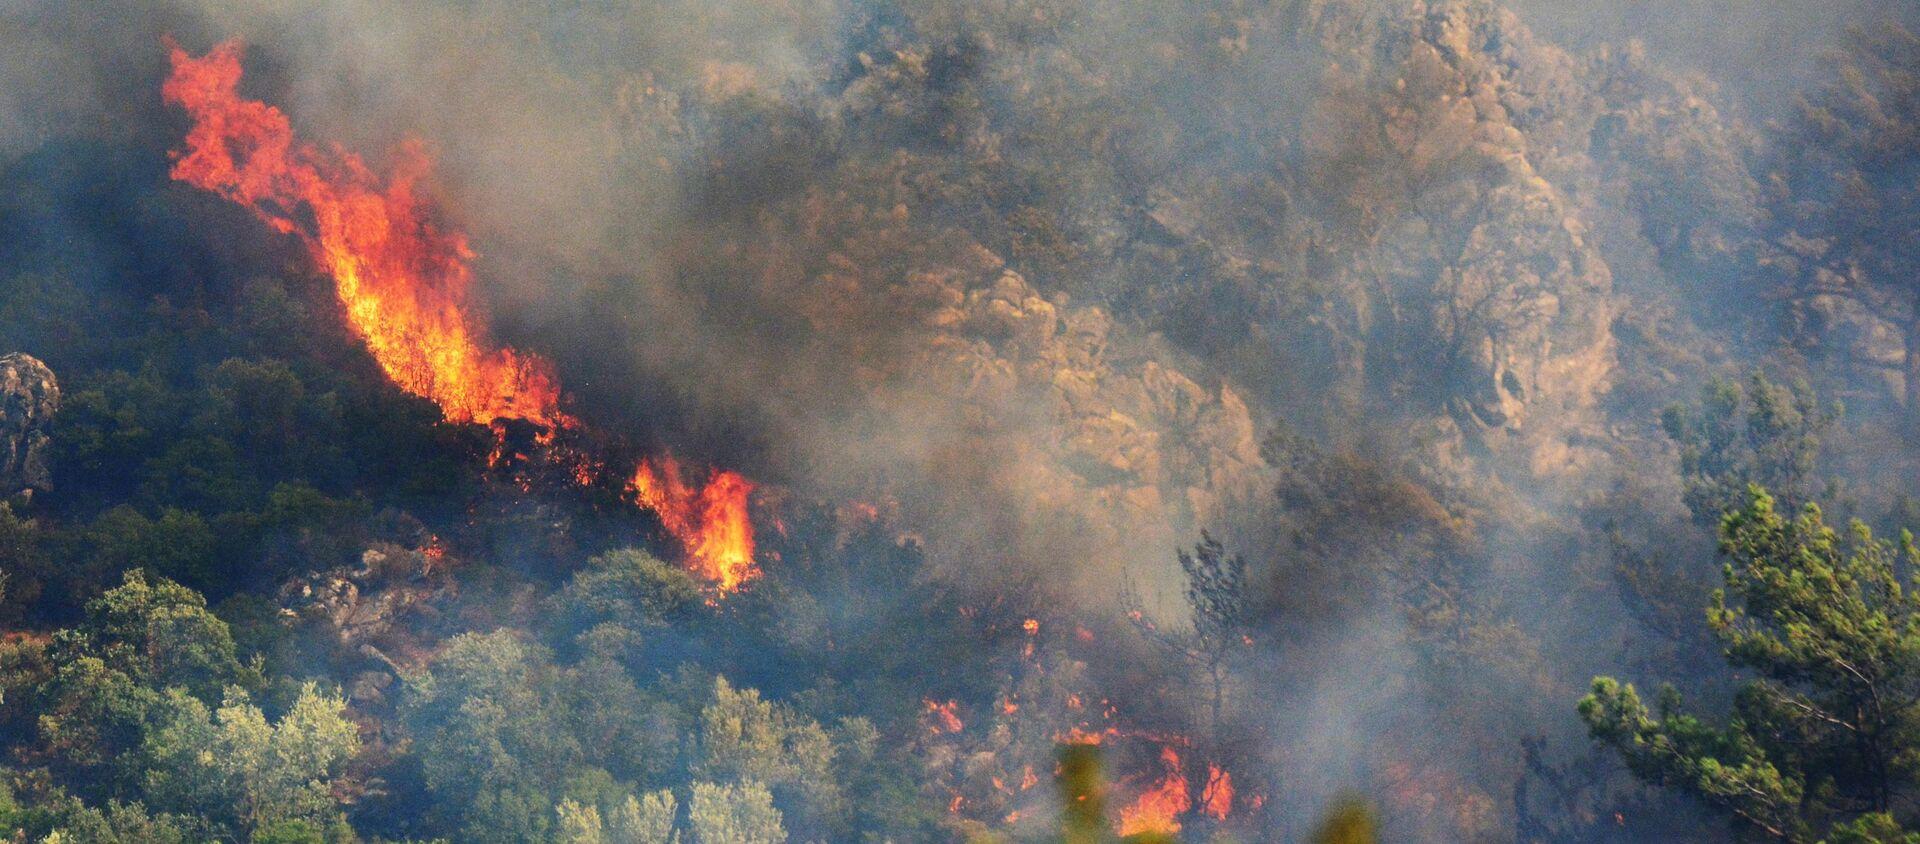 Лесной пожар в окрестностях турецкого города Мармарис - Sputnik Արմենիա, 1920, 14.08.2021